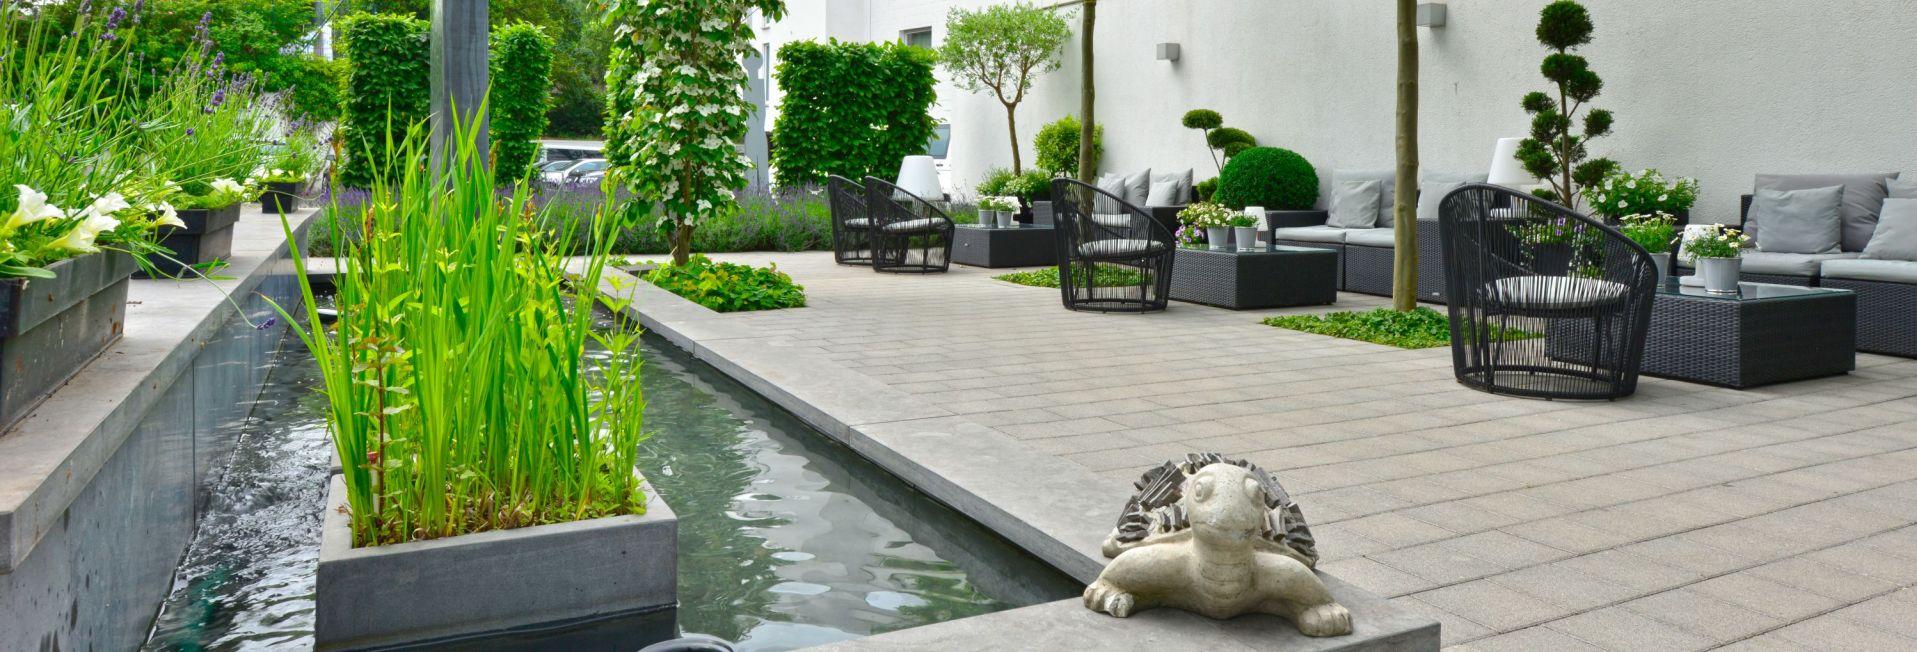 Terrasse mit Brunnen und Schildkröte aus Stein